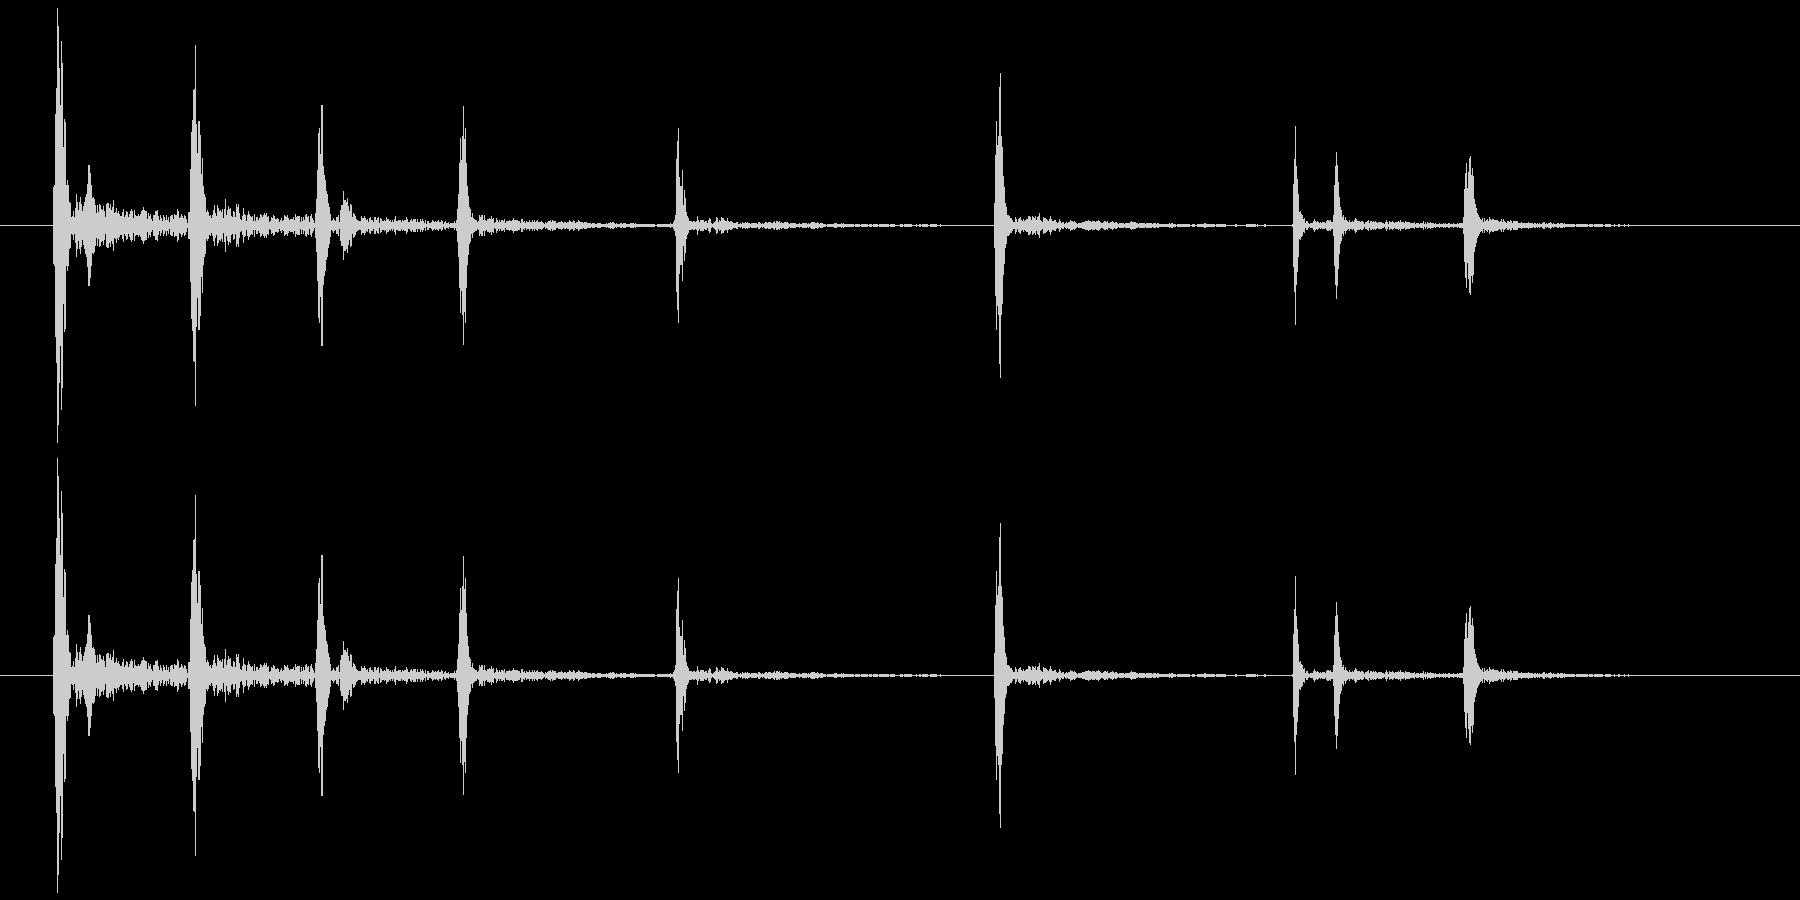 ハンドグリッパーのキリキリときしむ音の未再生の波形